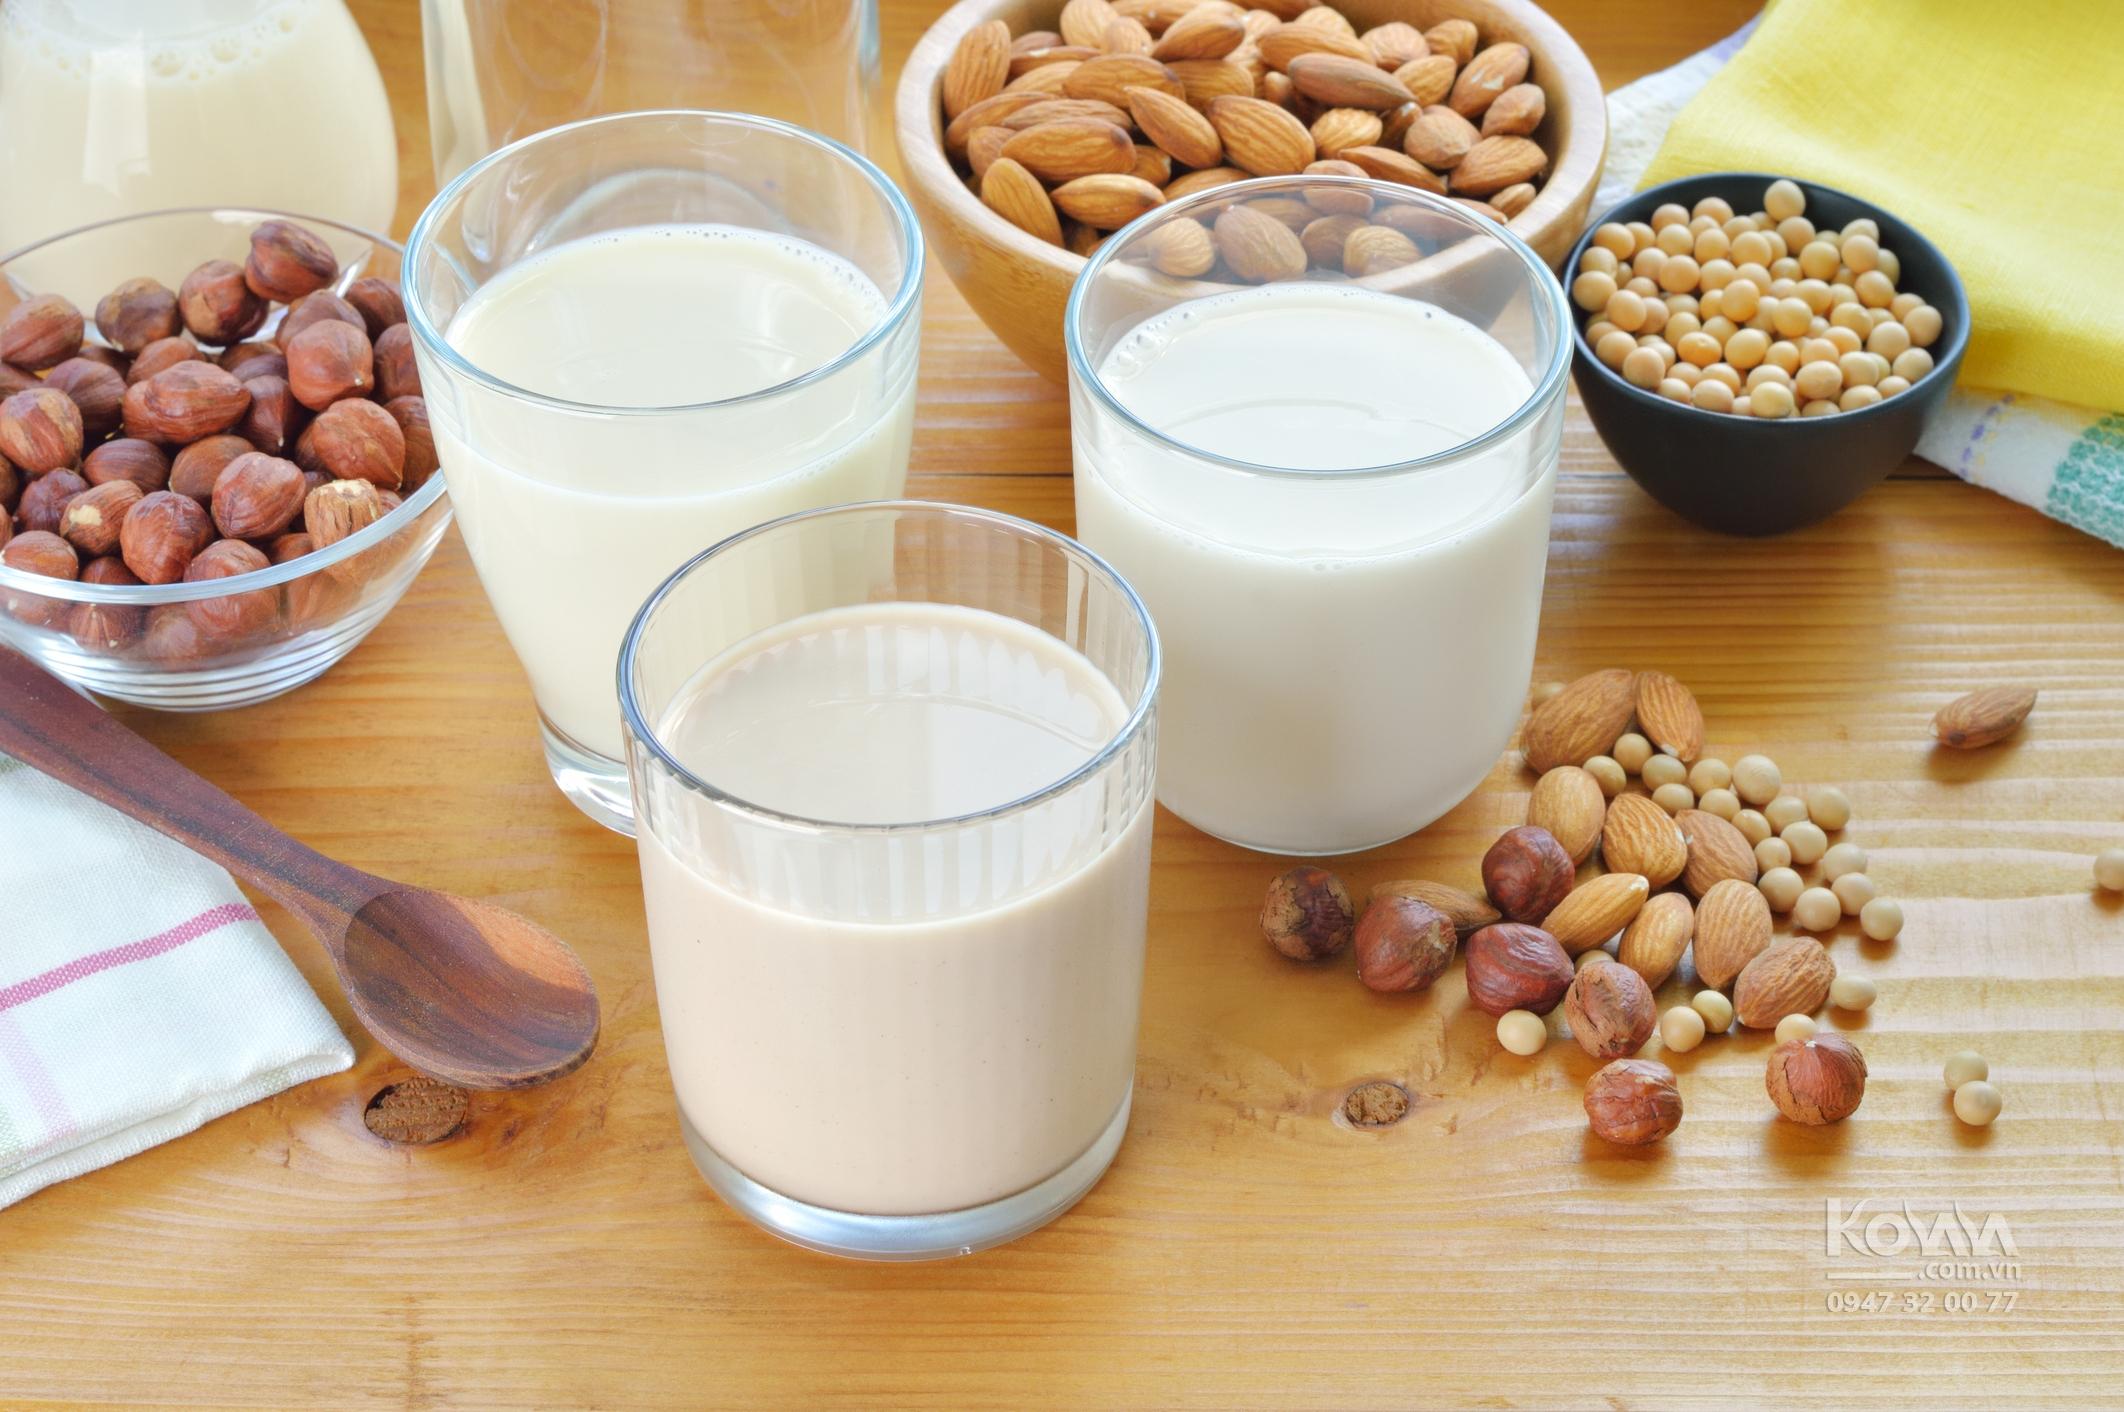 có nên dùng sữa hạt cho bé, cách làm sữa hạt, làm sữa từ quả óc chó